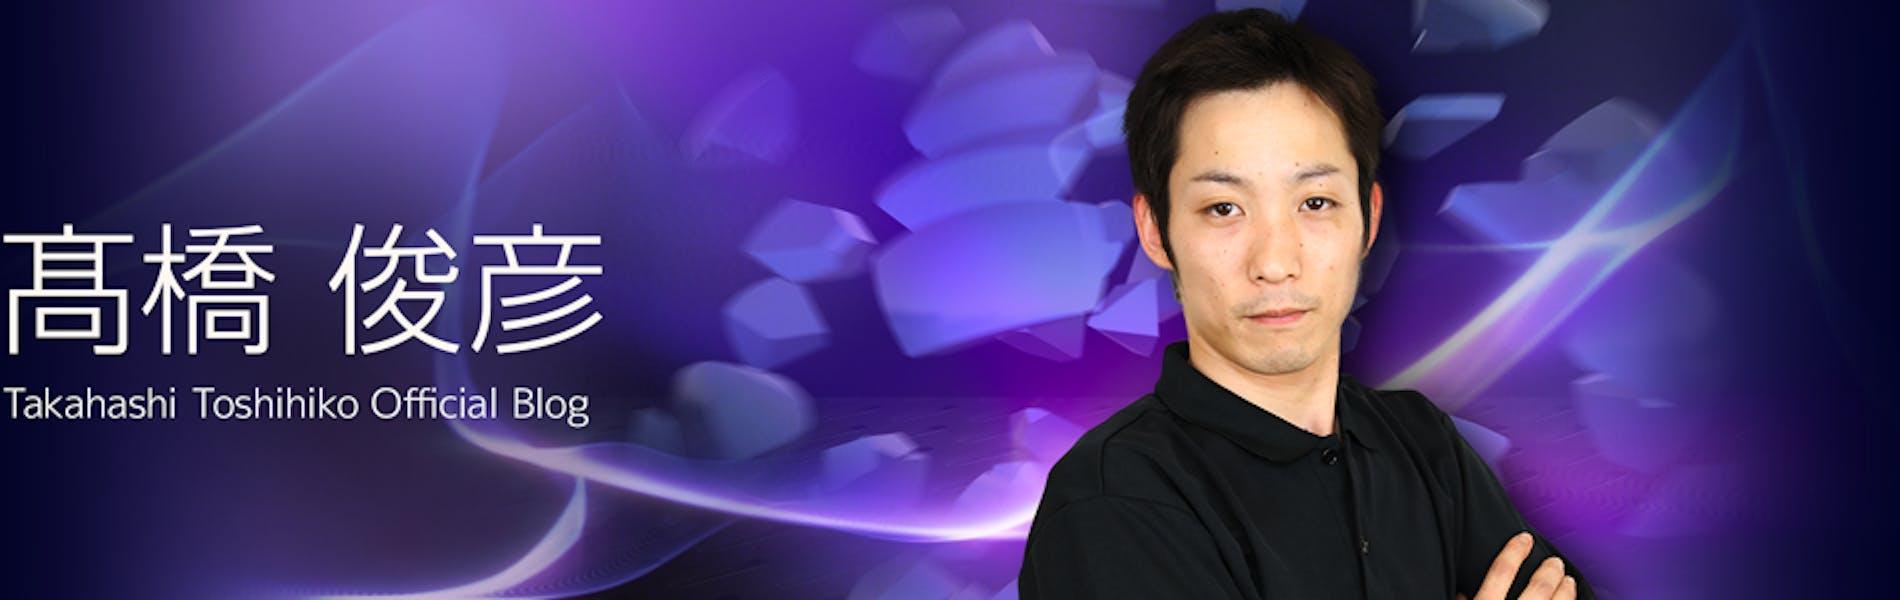 髙橋俊彦 オフィシャルブログ